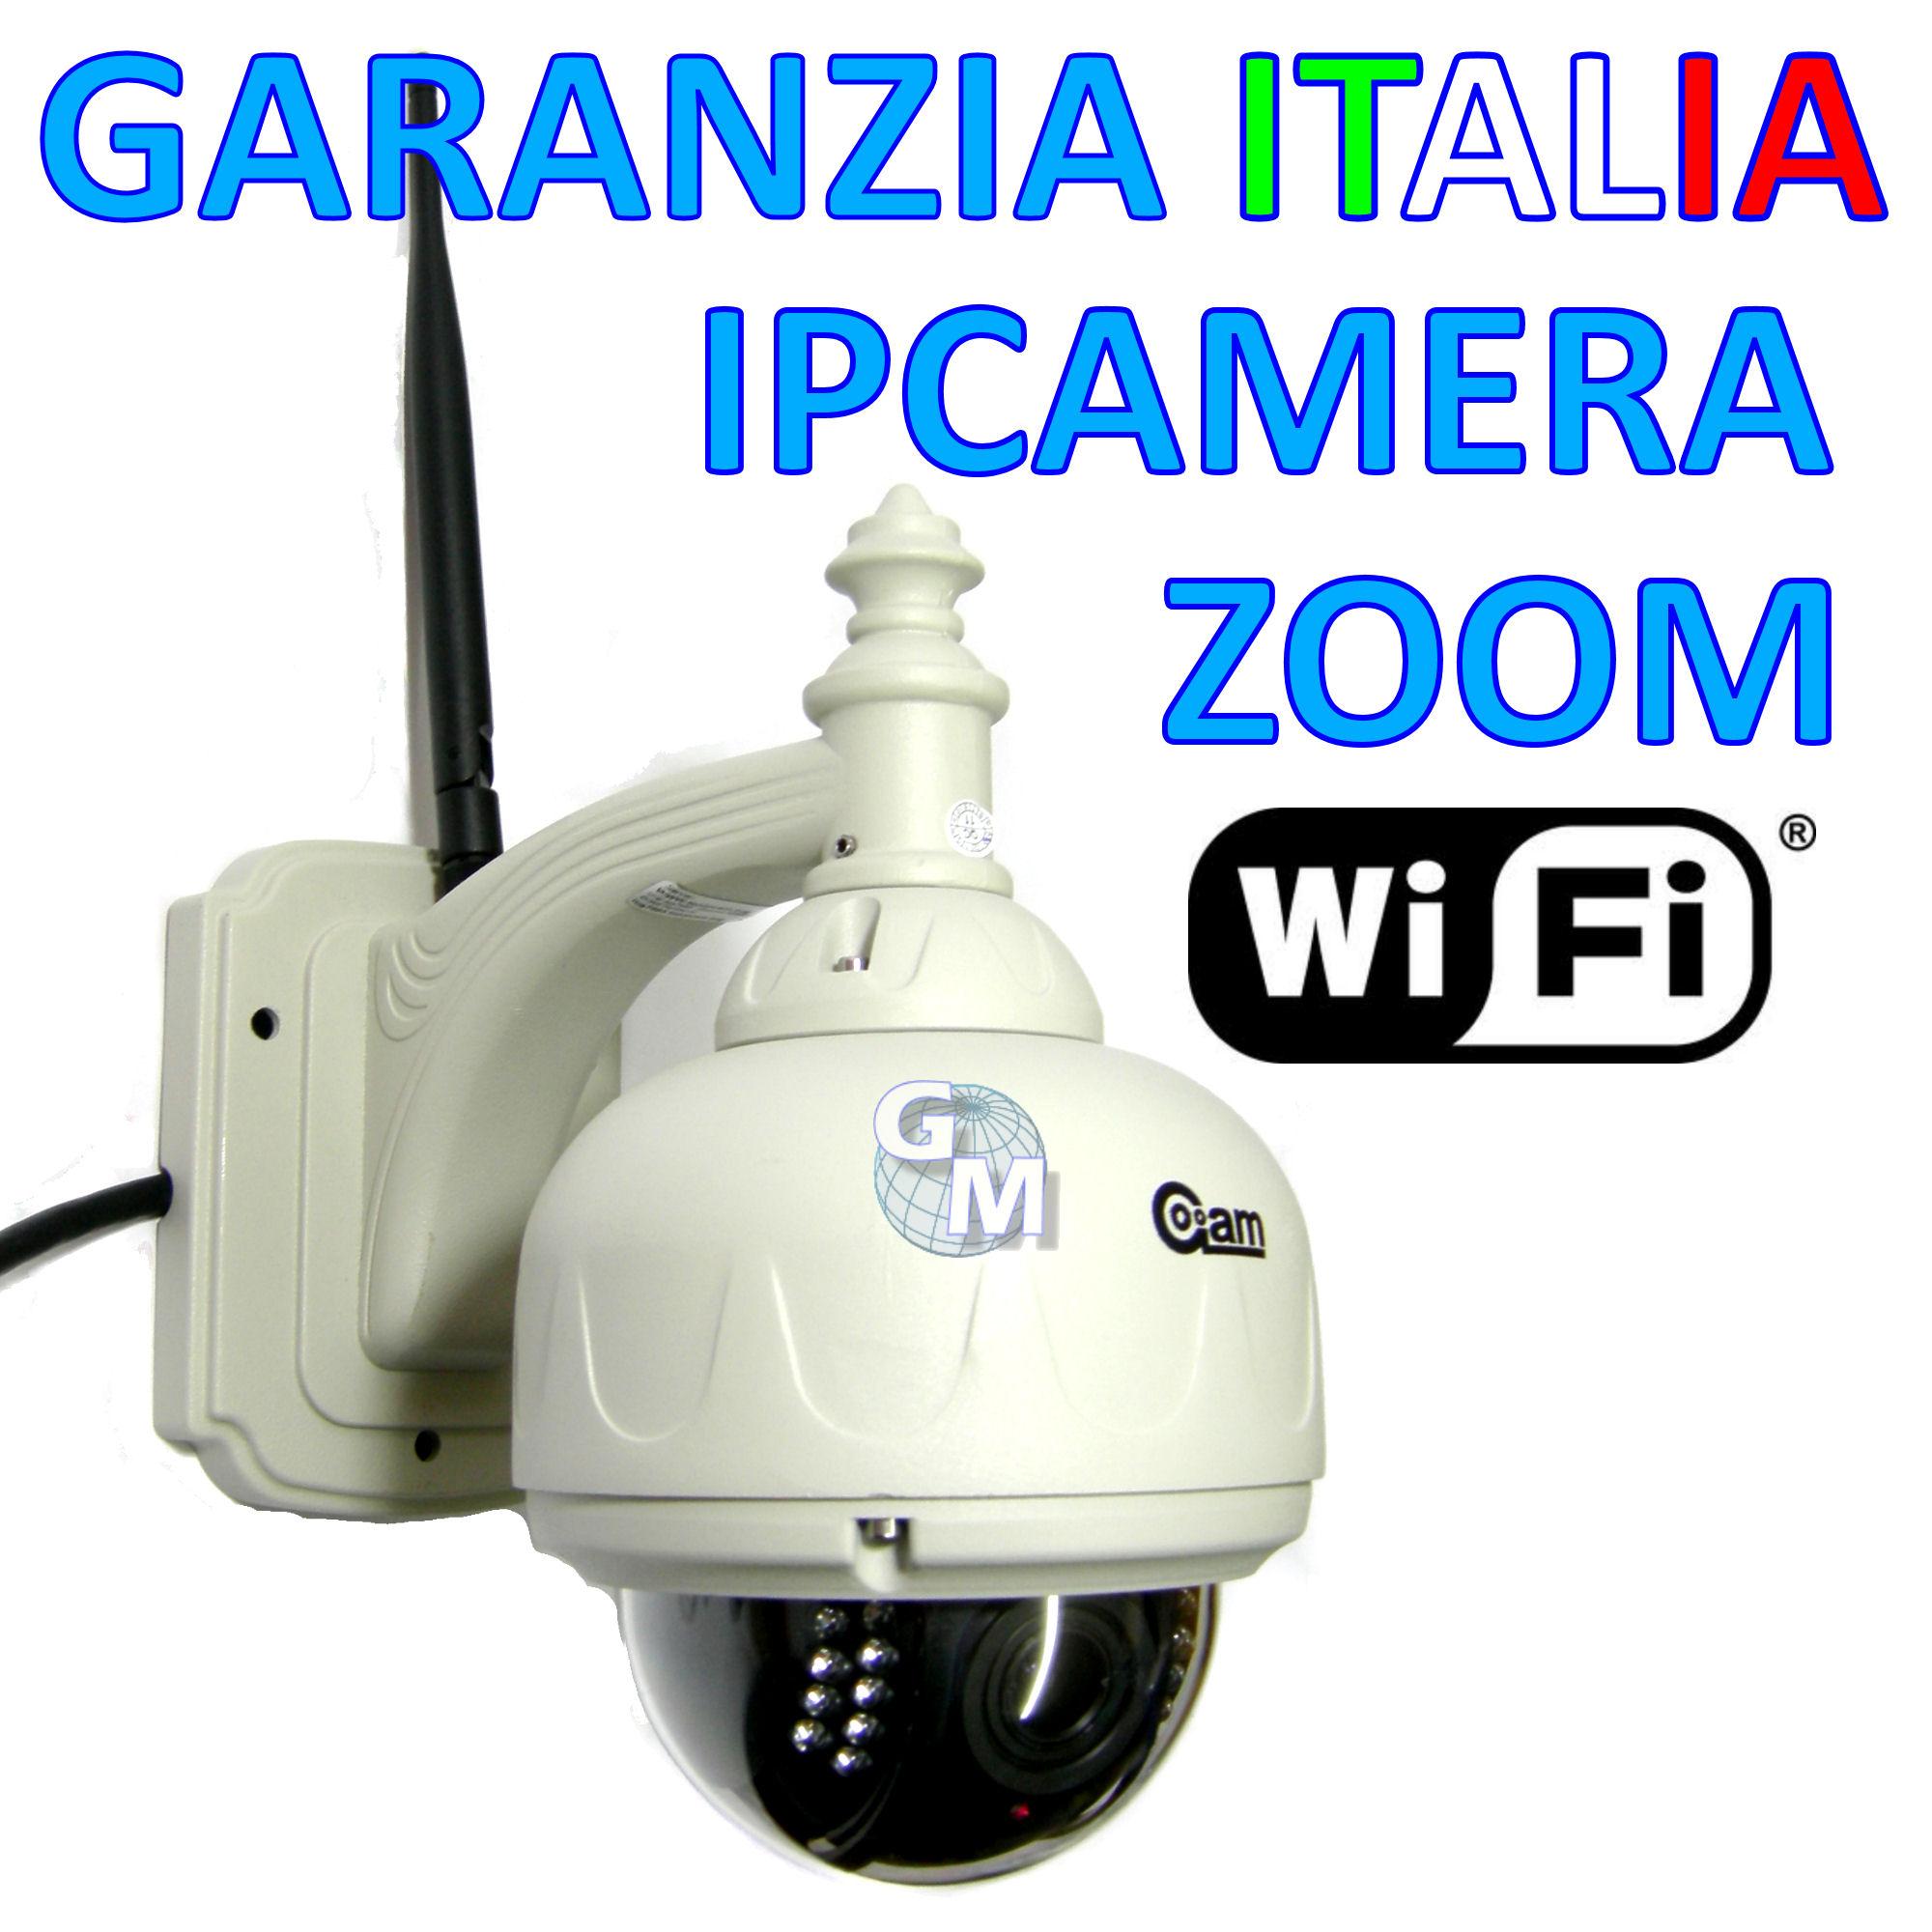 Casa moderna roma italy telecamera wireless da esterno for Telecamere da esterno casa